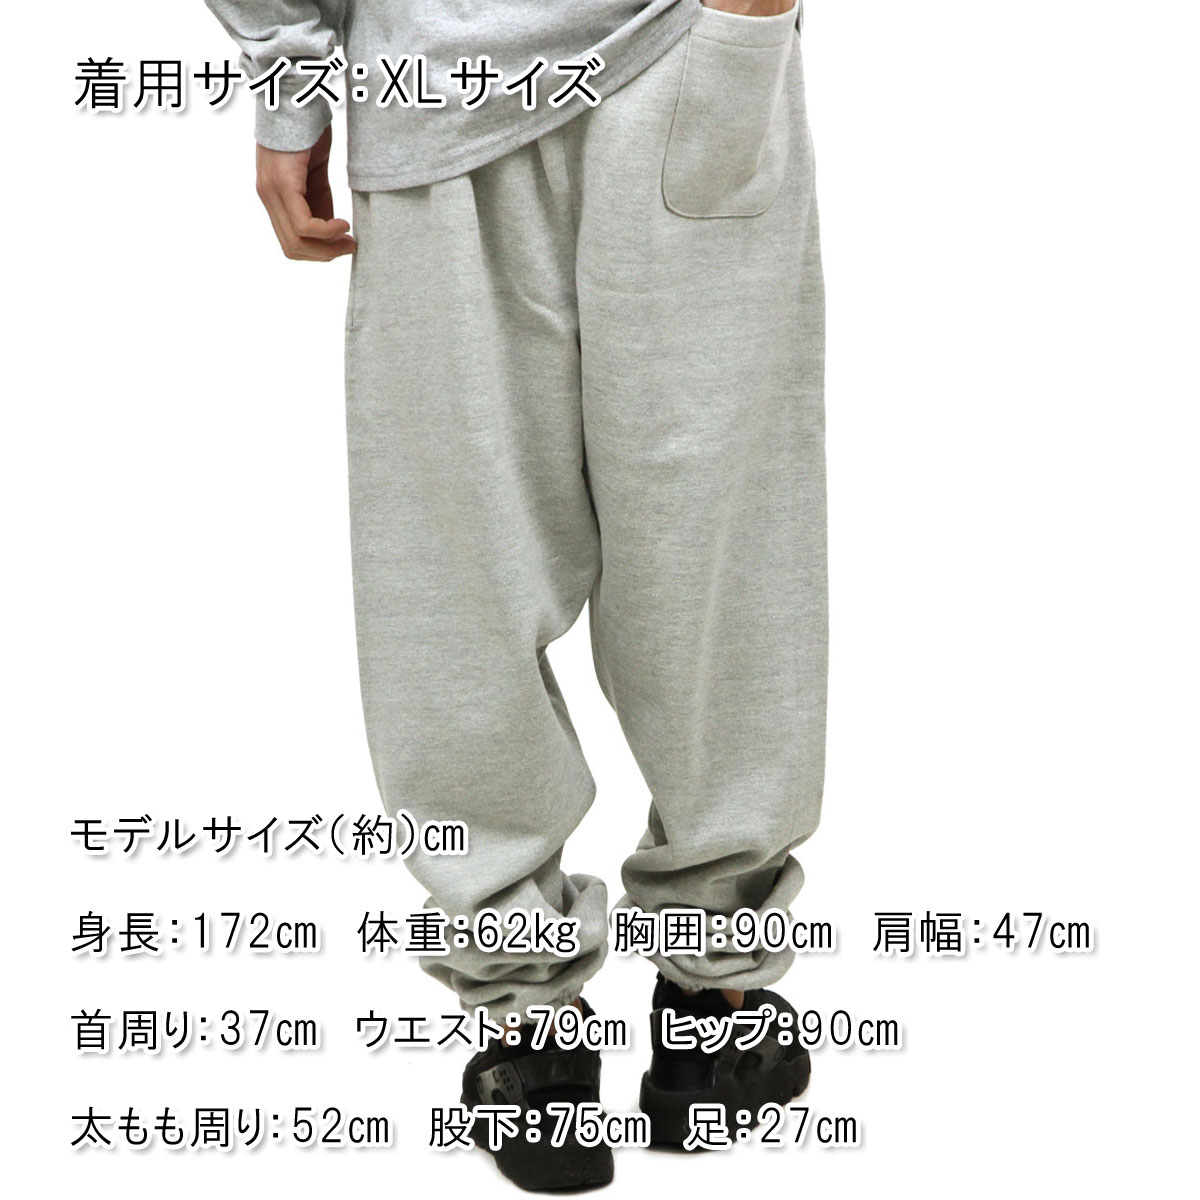 チャンピオン CHAMPION 正規品 メンズ ハーフパンツ SWEAT HALF PANTS P4971 Reverse Weave Pant w/ pockets 806-OXFORDGREY